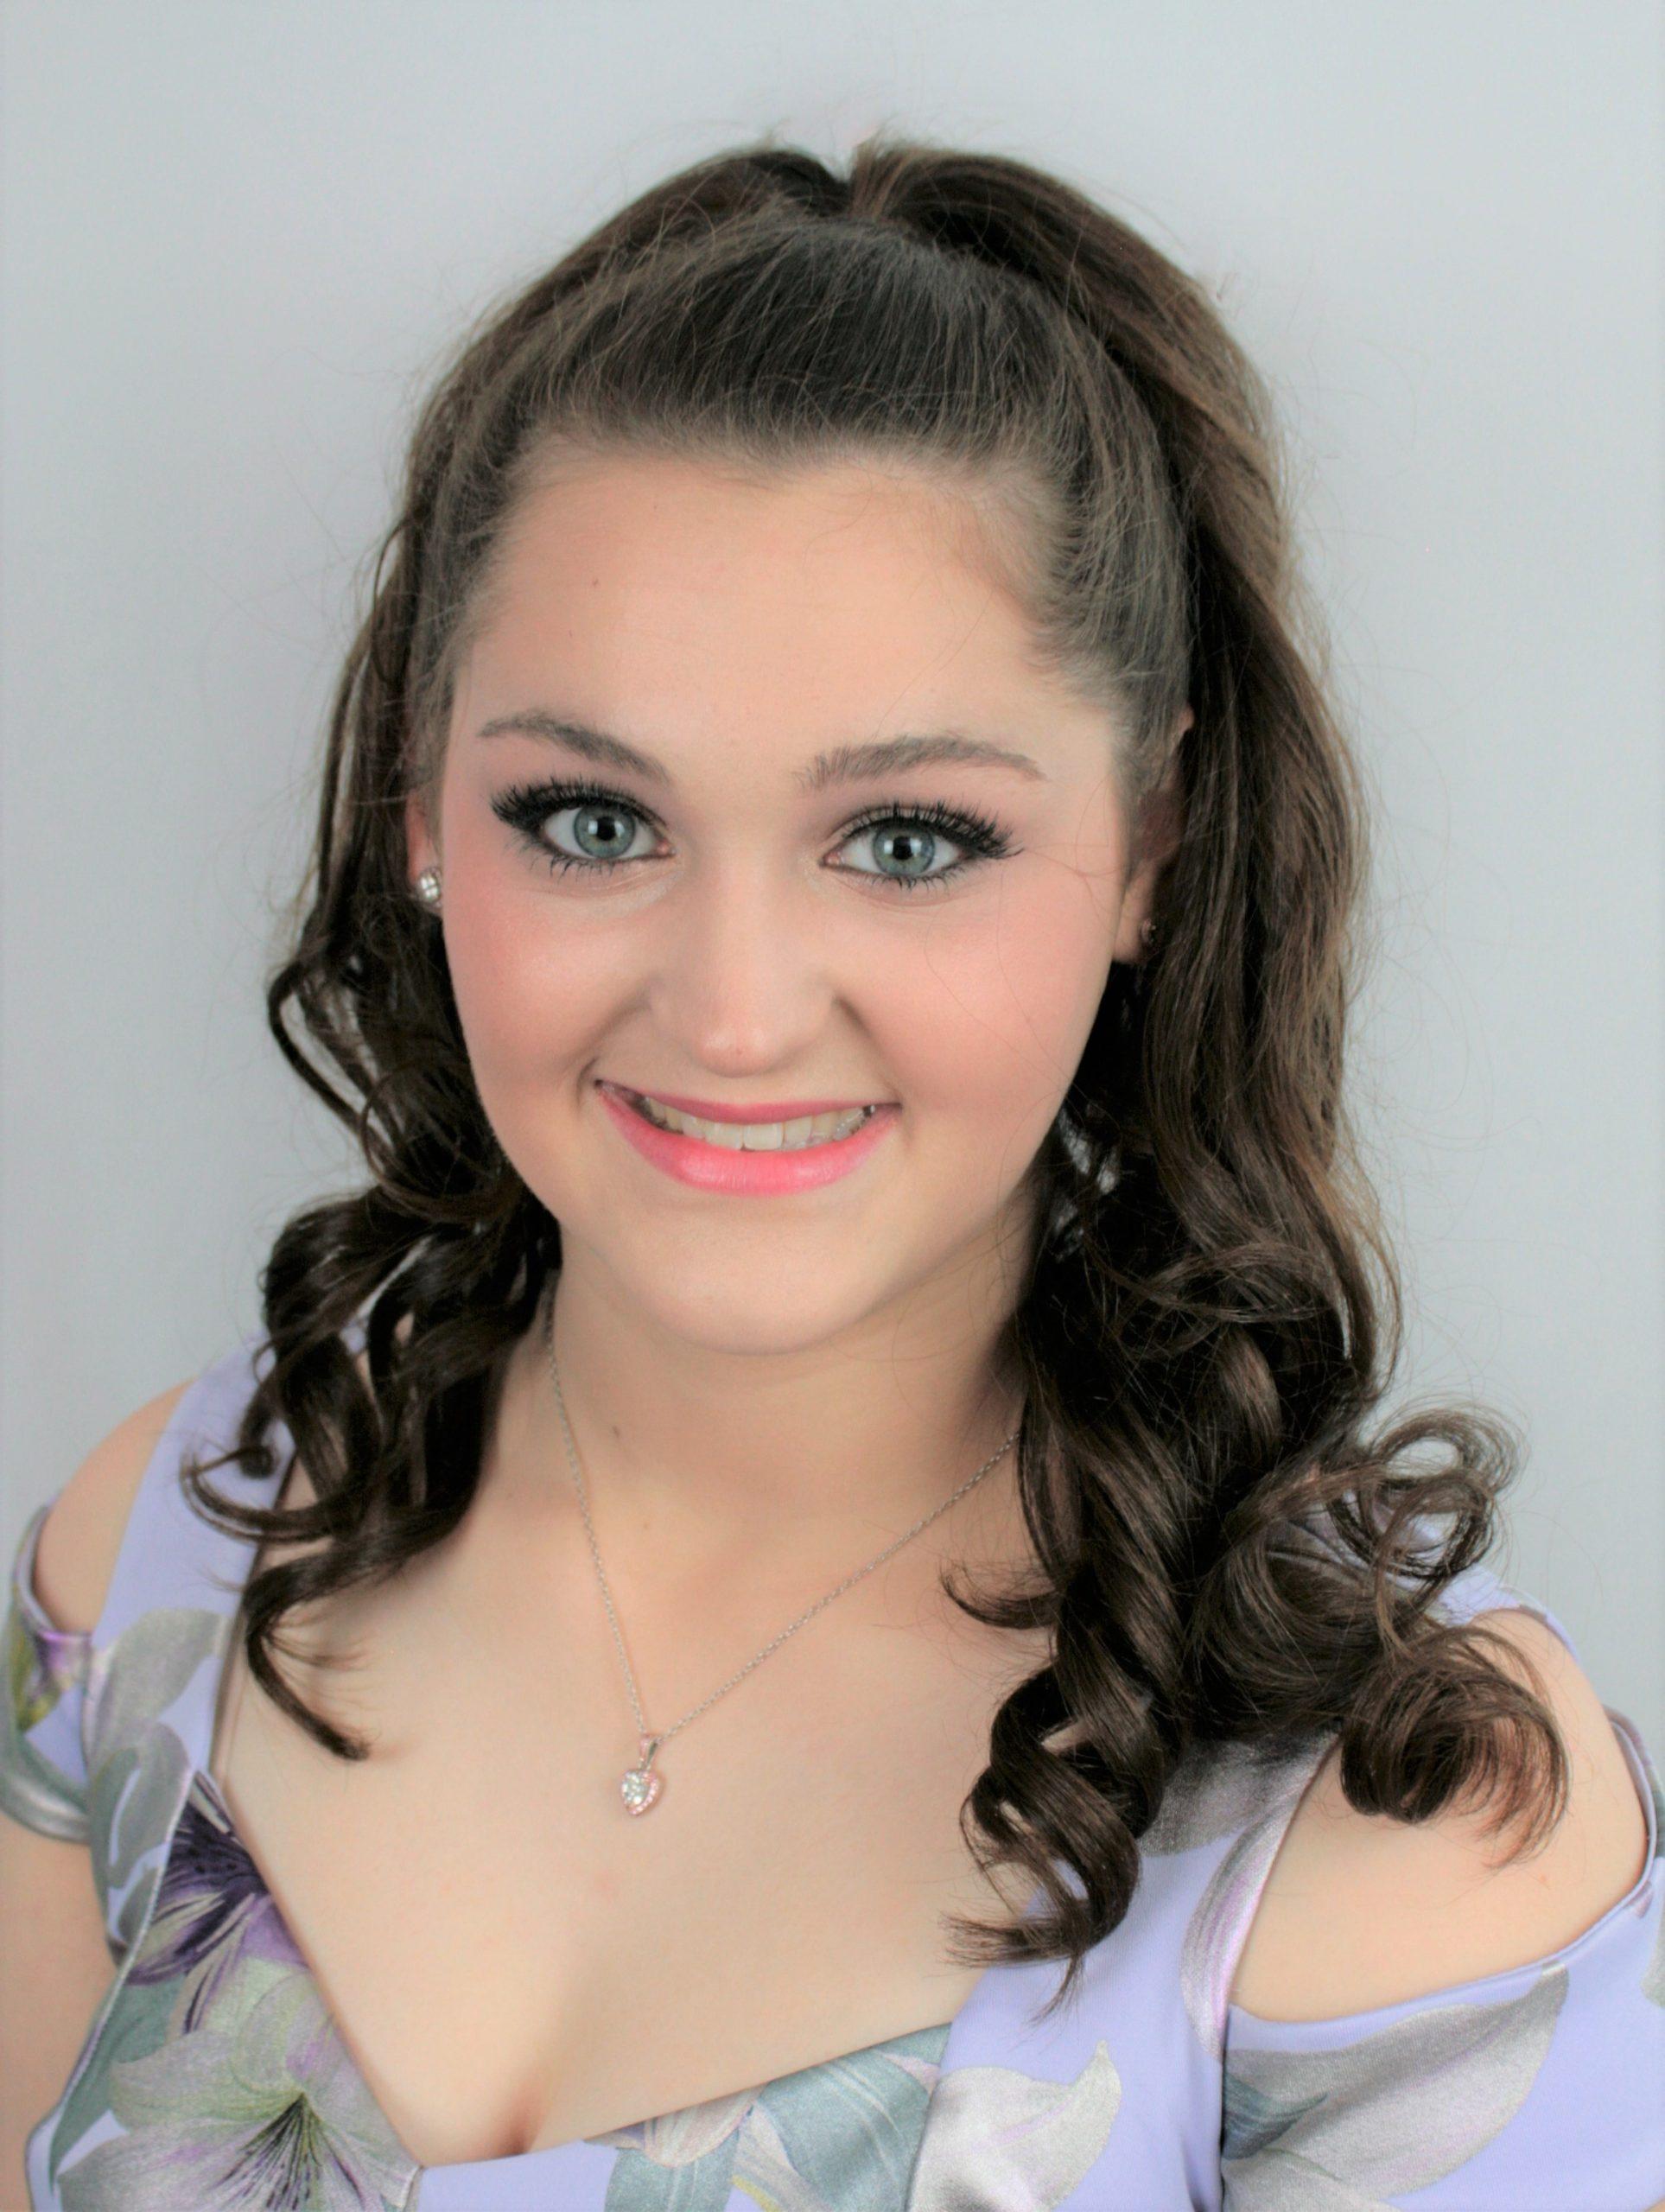 Taylor Shay